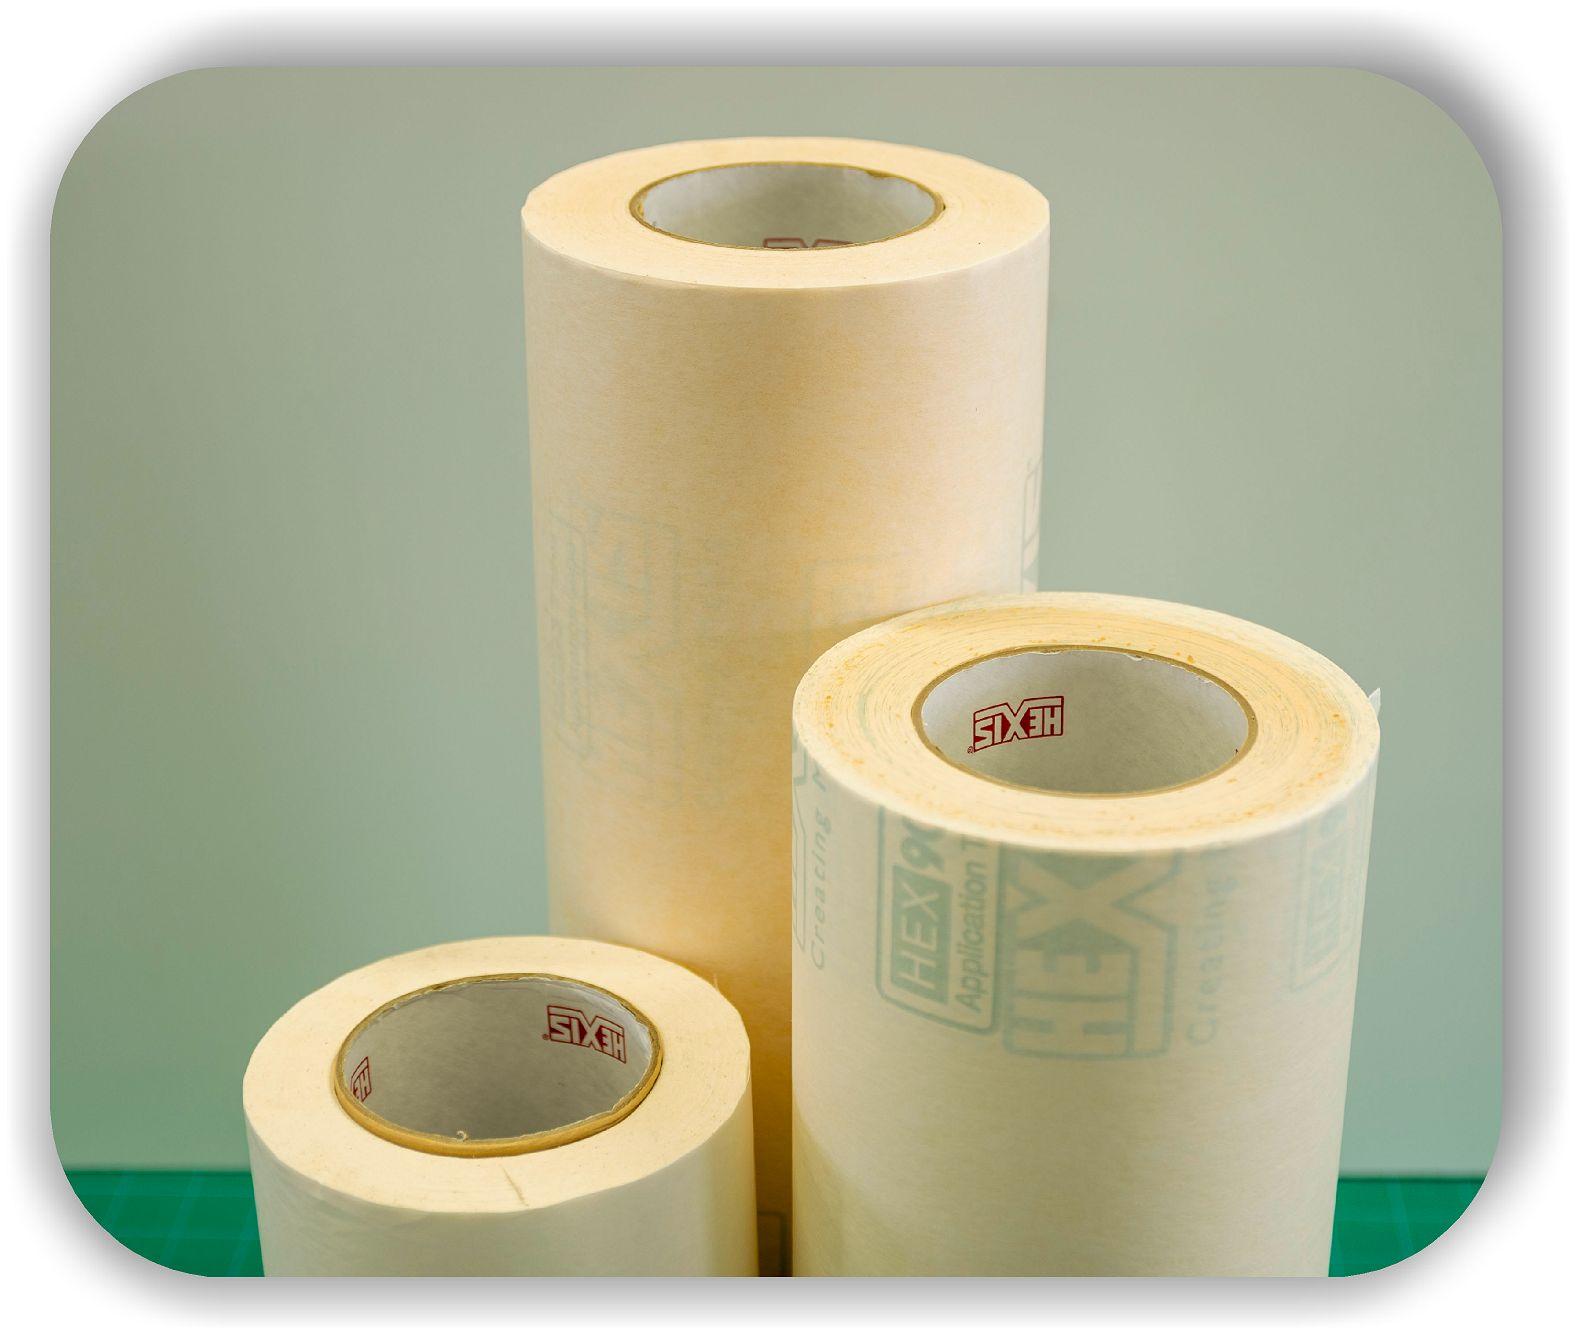 100m Breite Auswahl Übertragungstape Poli Tape Länge Application Tape